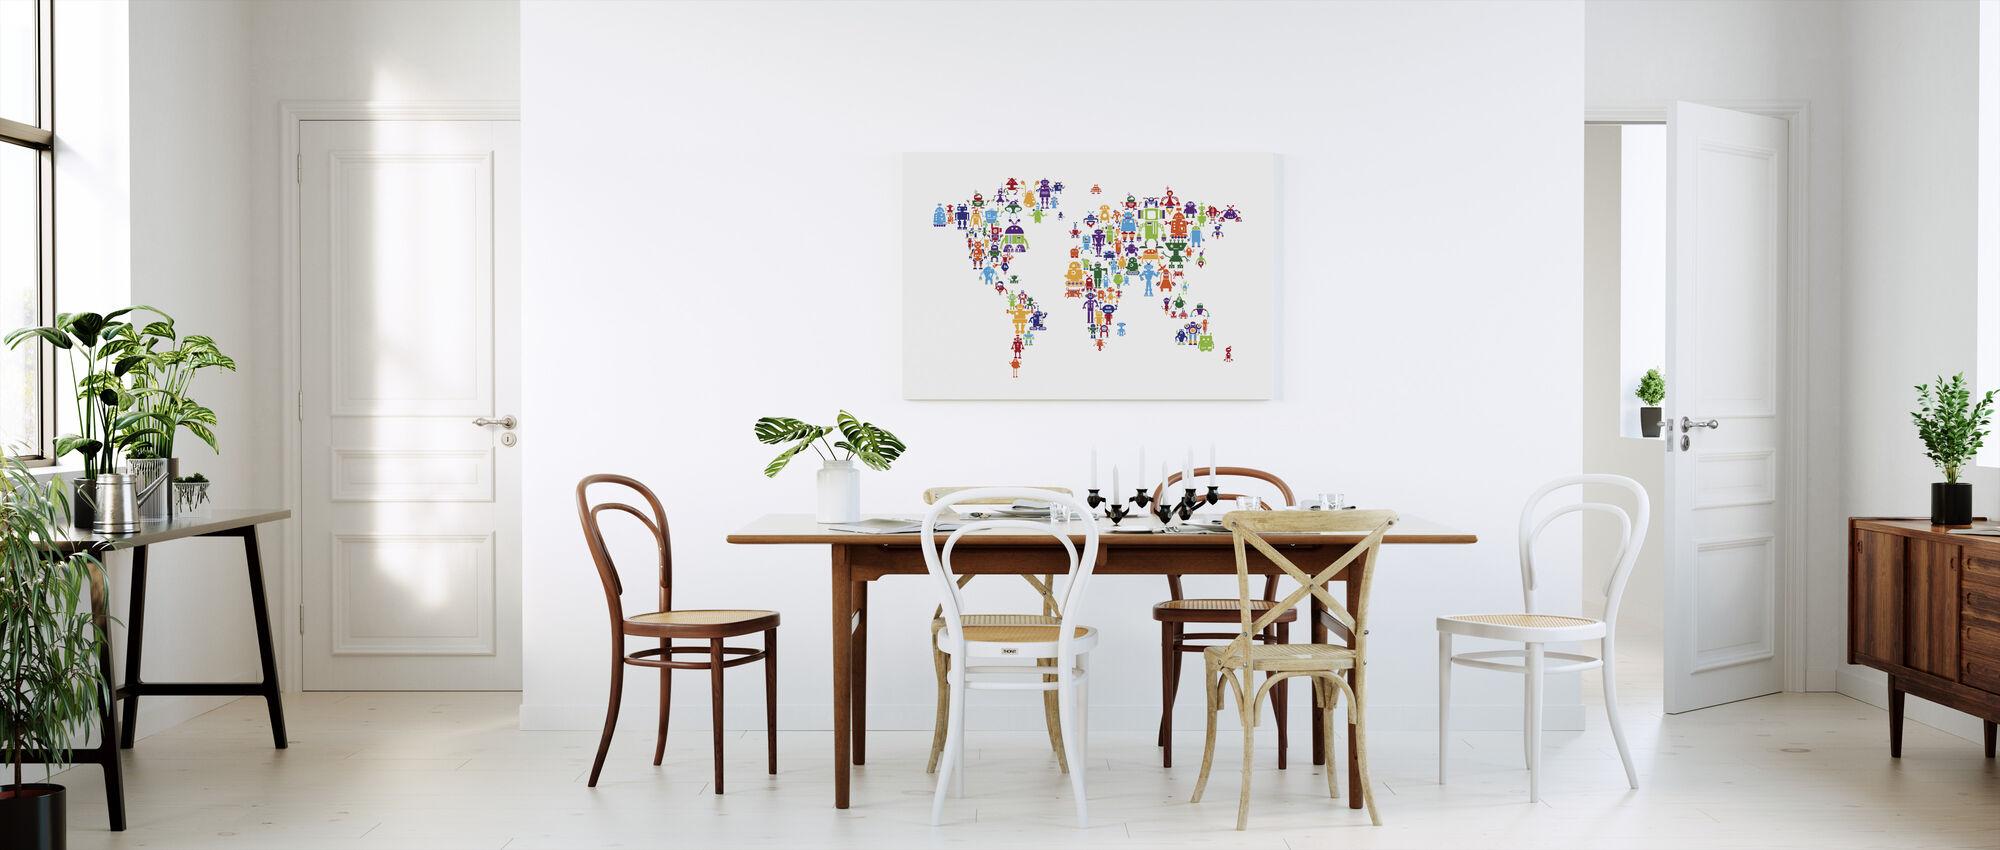 Carte du monde Robots - Impression sur toile - Cuisine